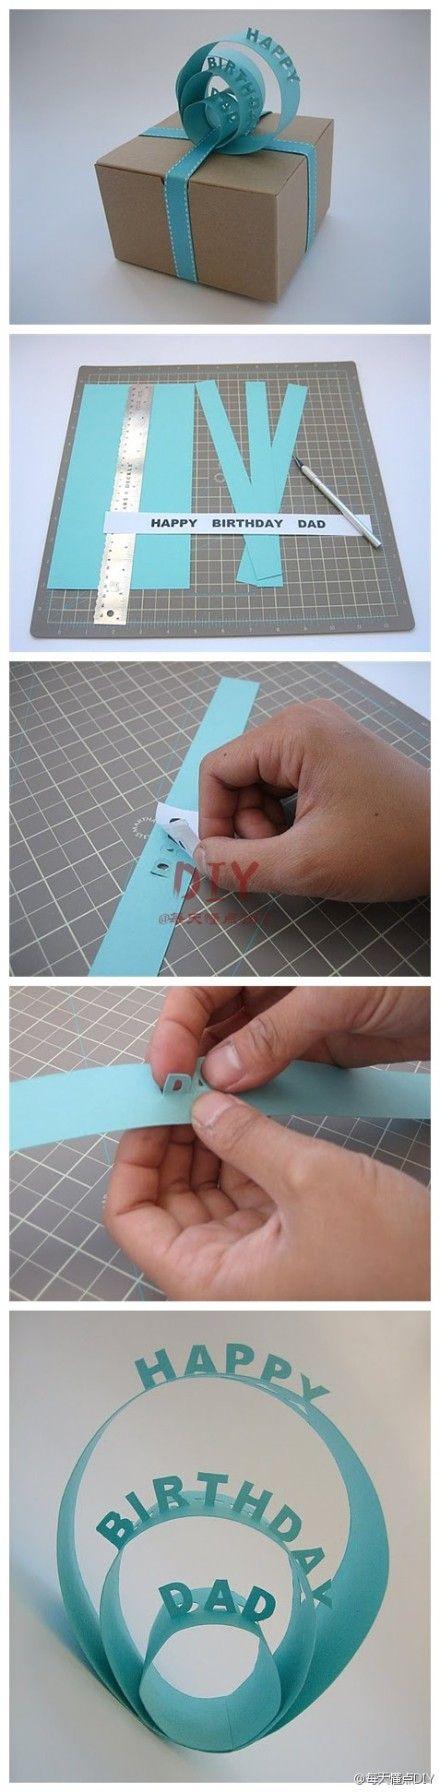 真似したいすな Creative gift wrapping ::::: ❥